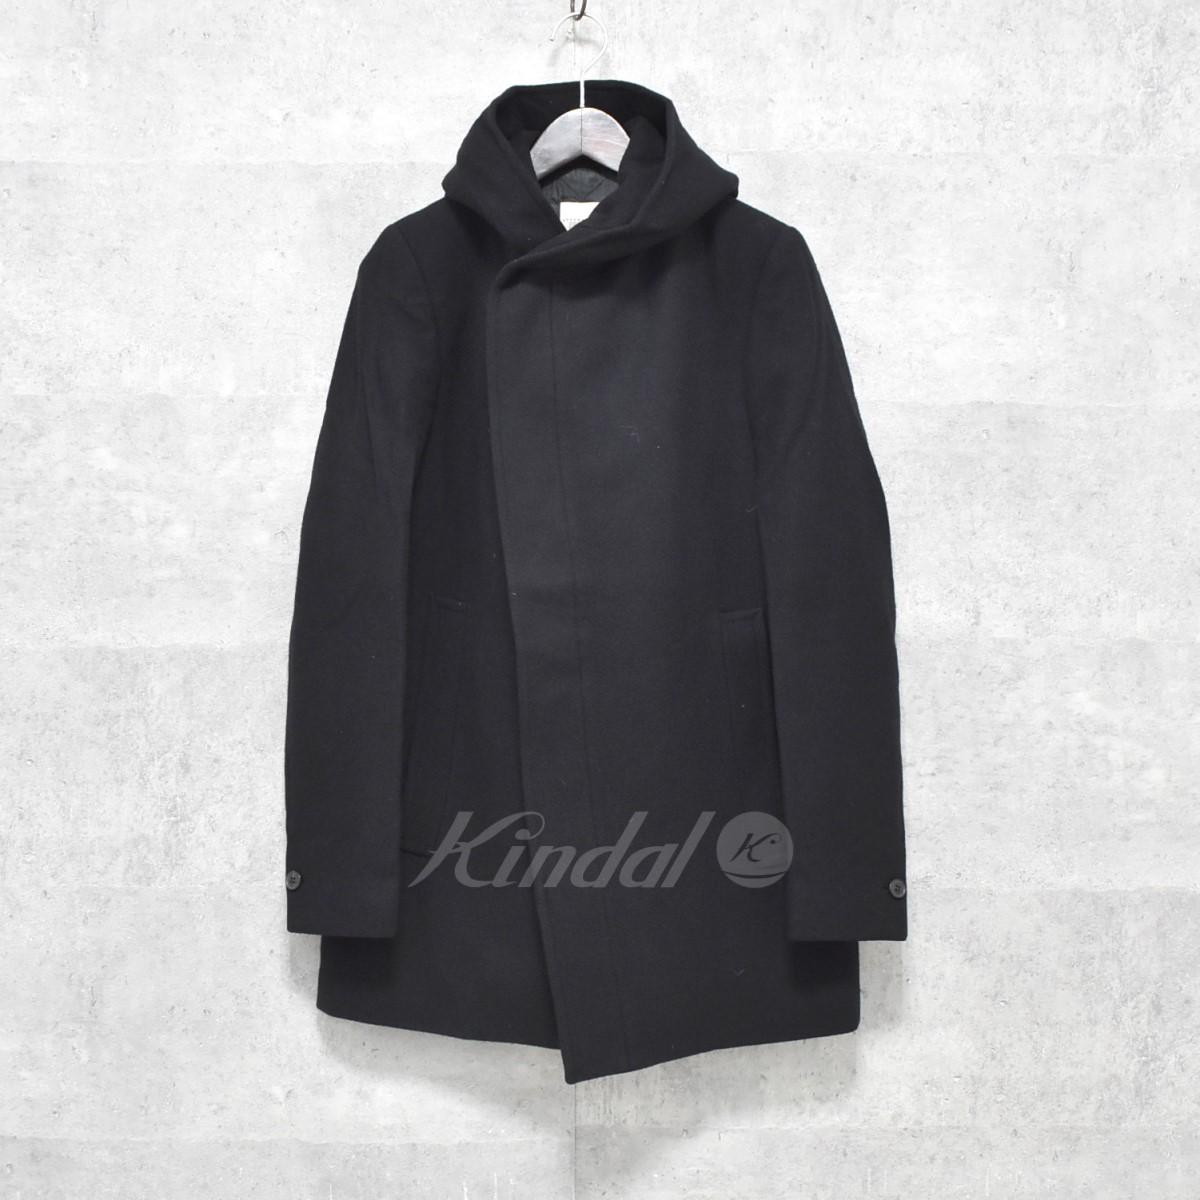 【中古】STEPHAN SCHNEIDER フード付コート ブラック サイズ:3 【送料無料】 【300918】(ステファンシュナイダー)